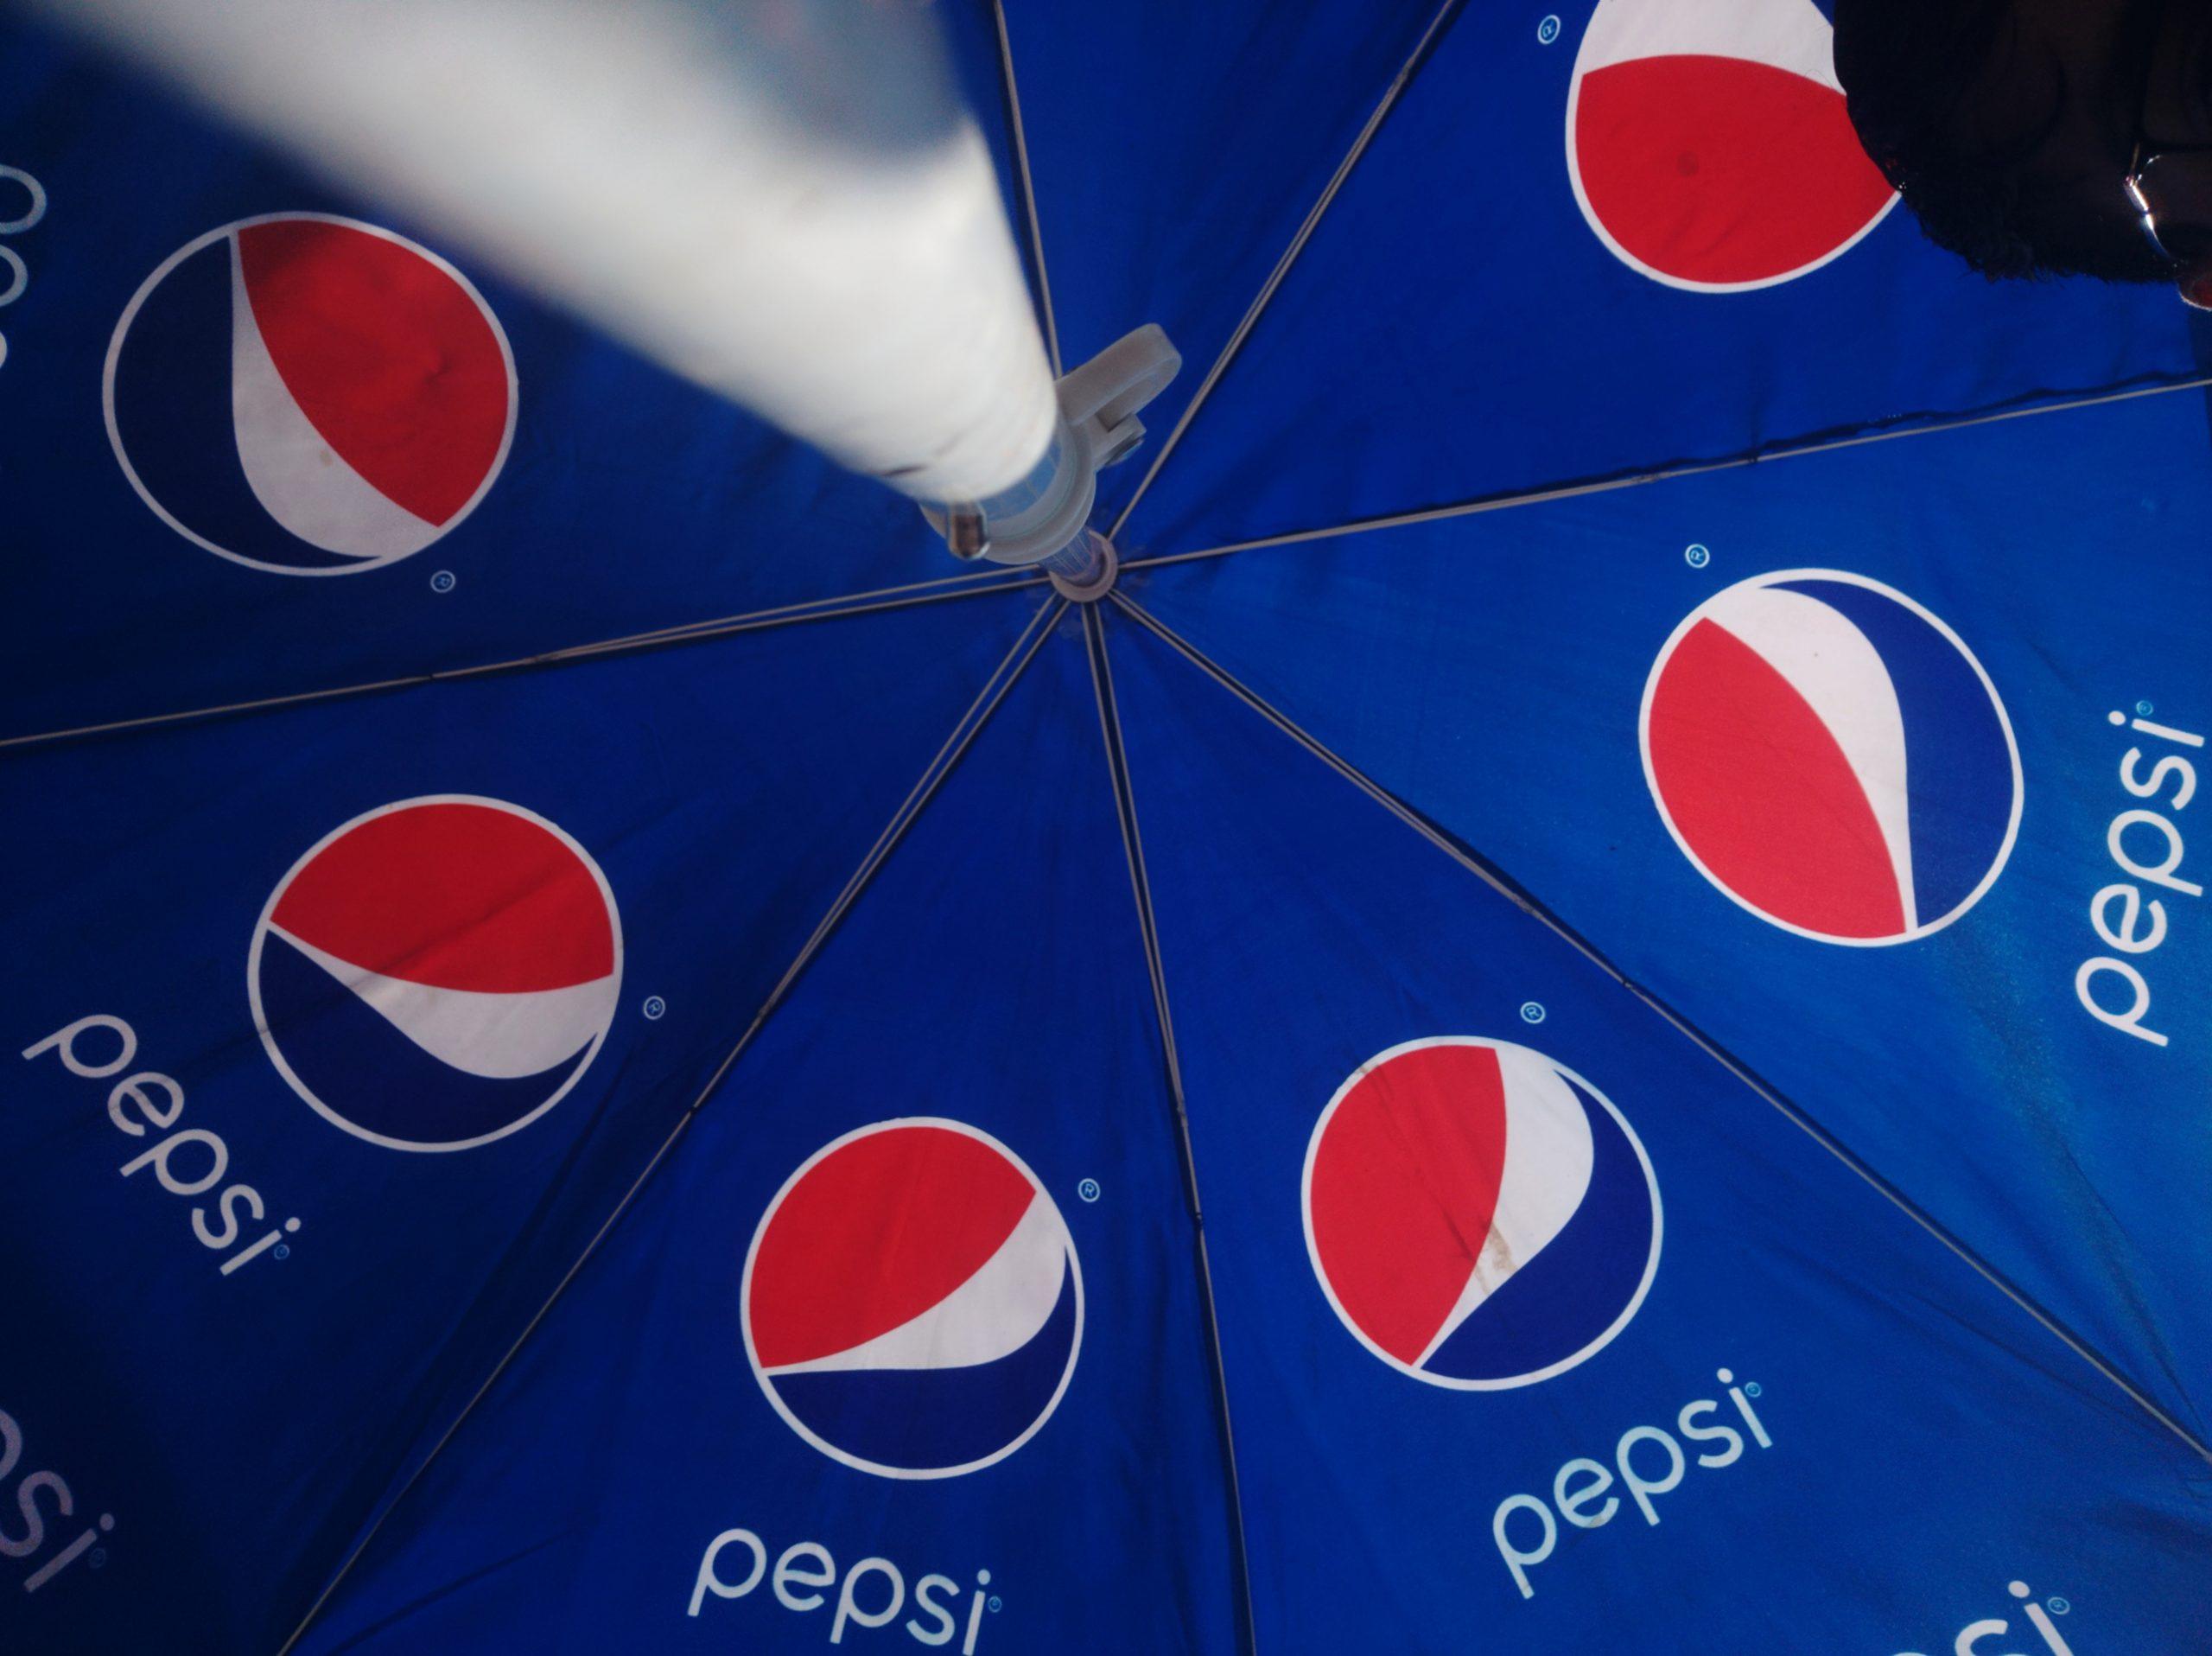 Pepsi umbrella